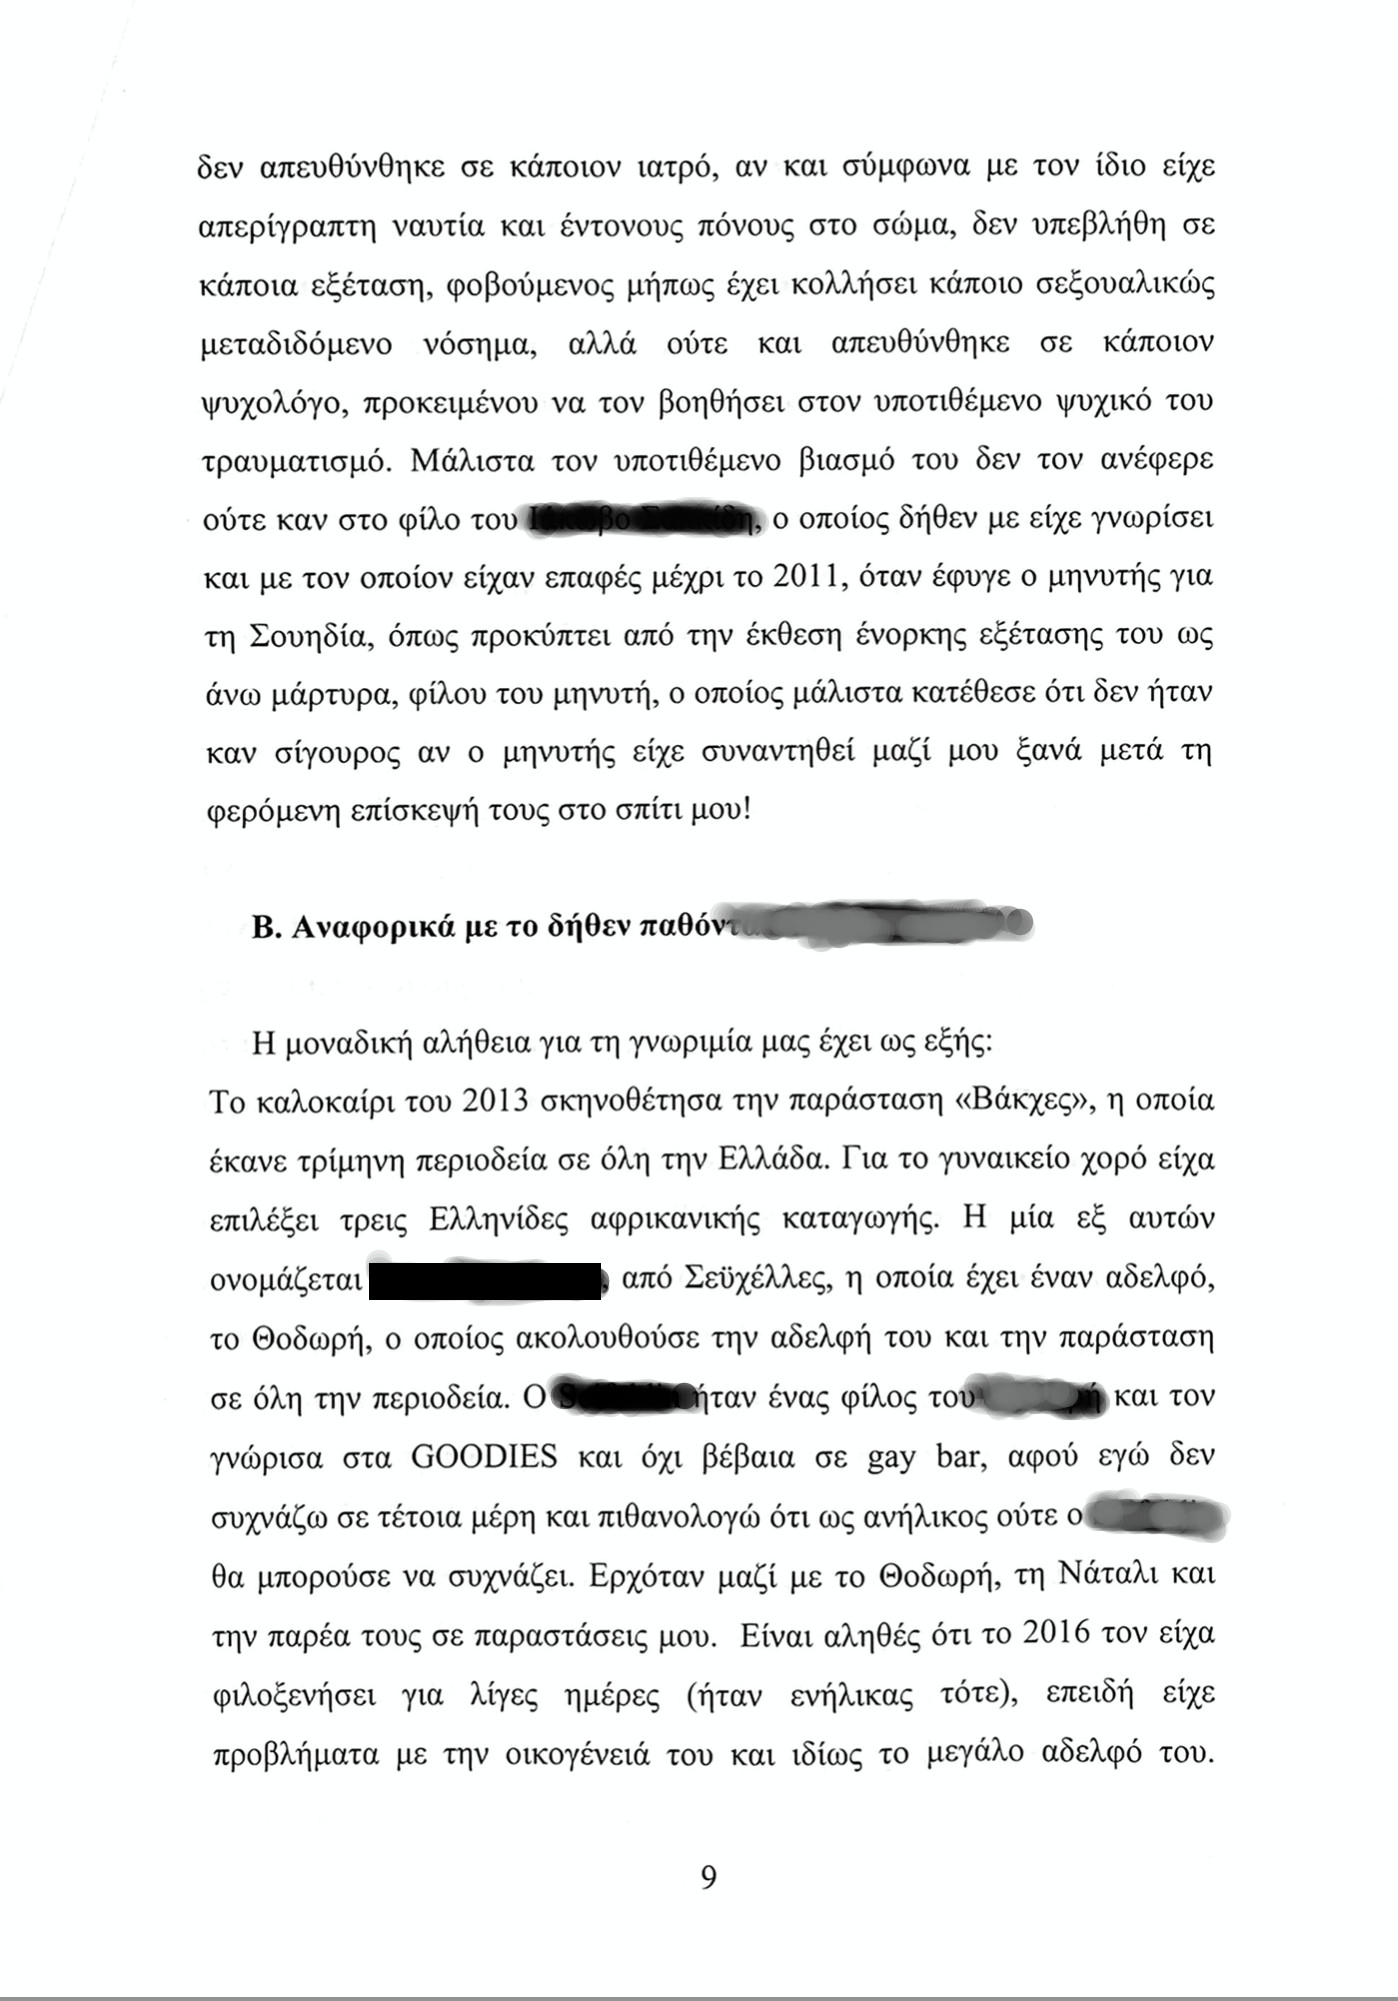 apologia lignadi 9